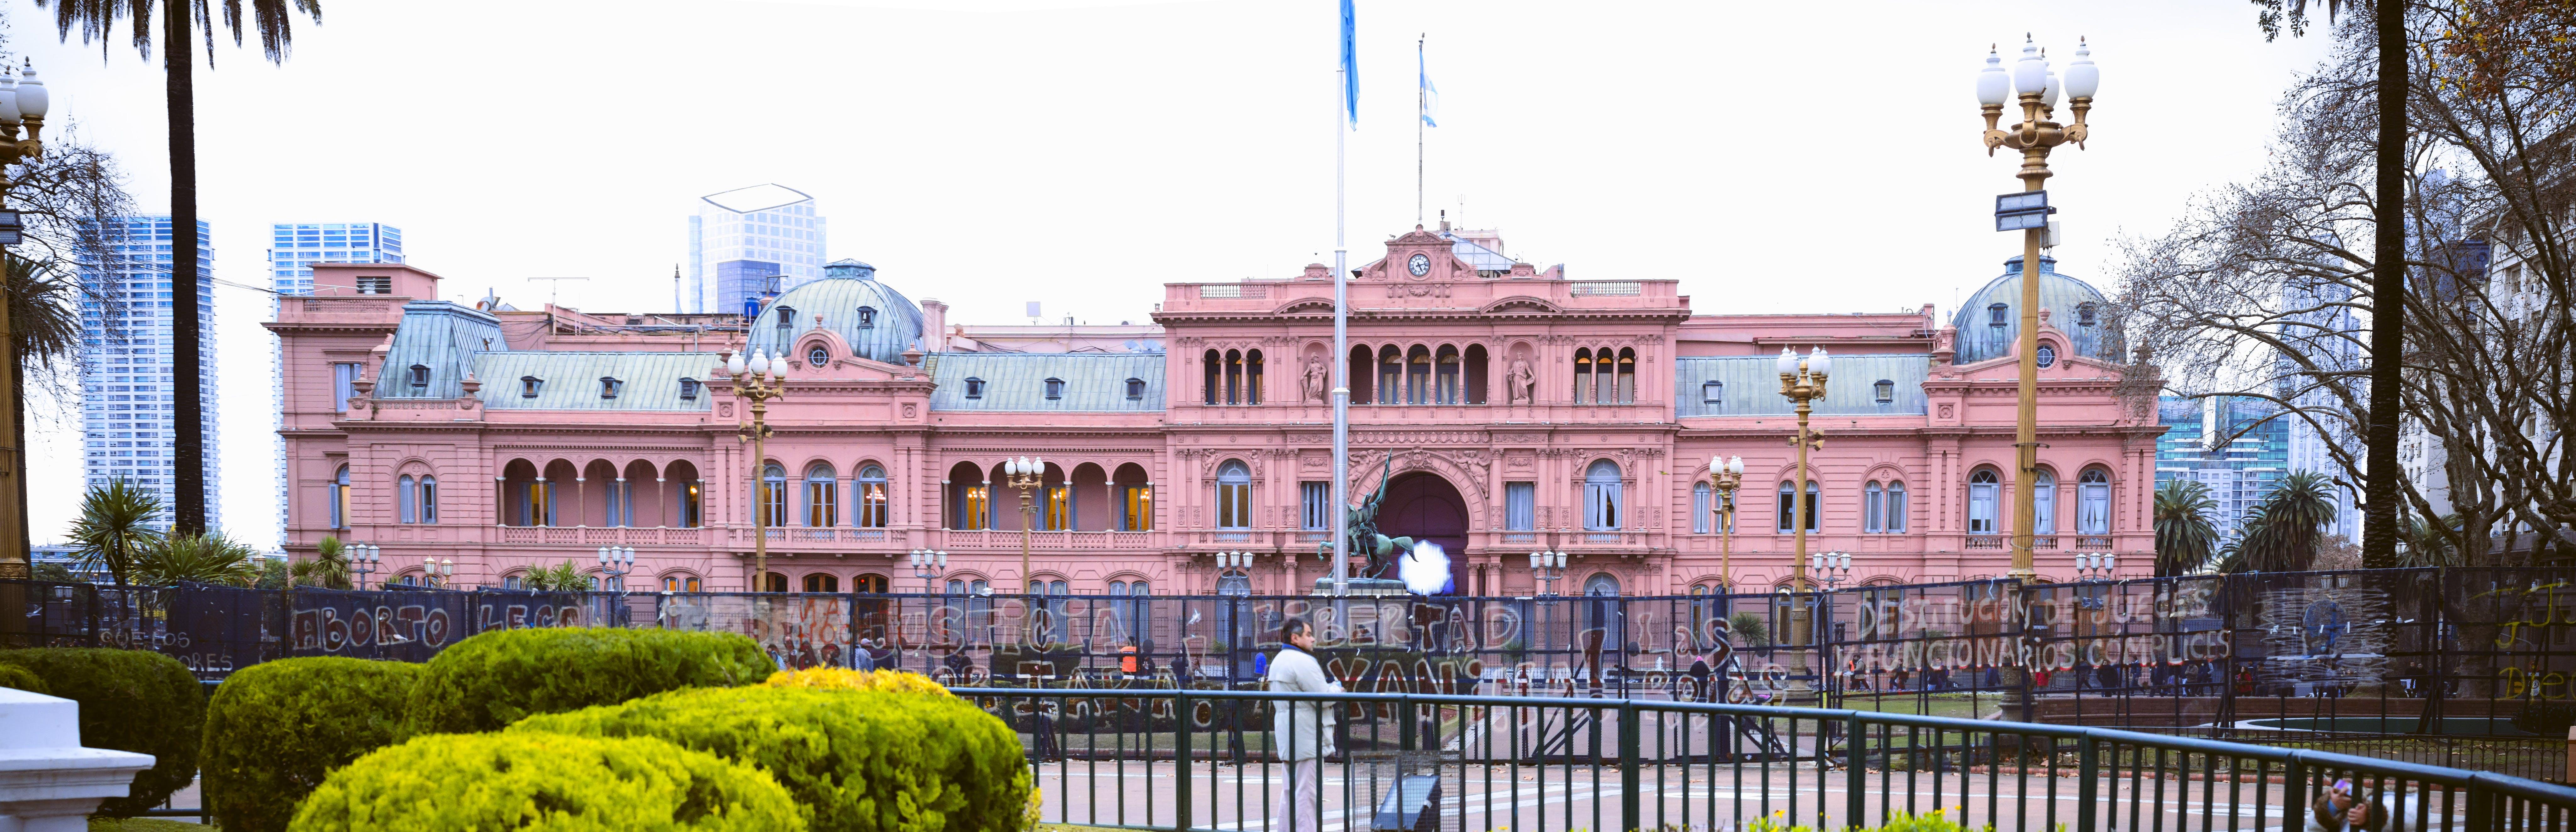 Free stock photo of ancient, architecture, Argentina, bruno scramgnon fotografia